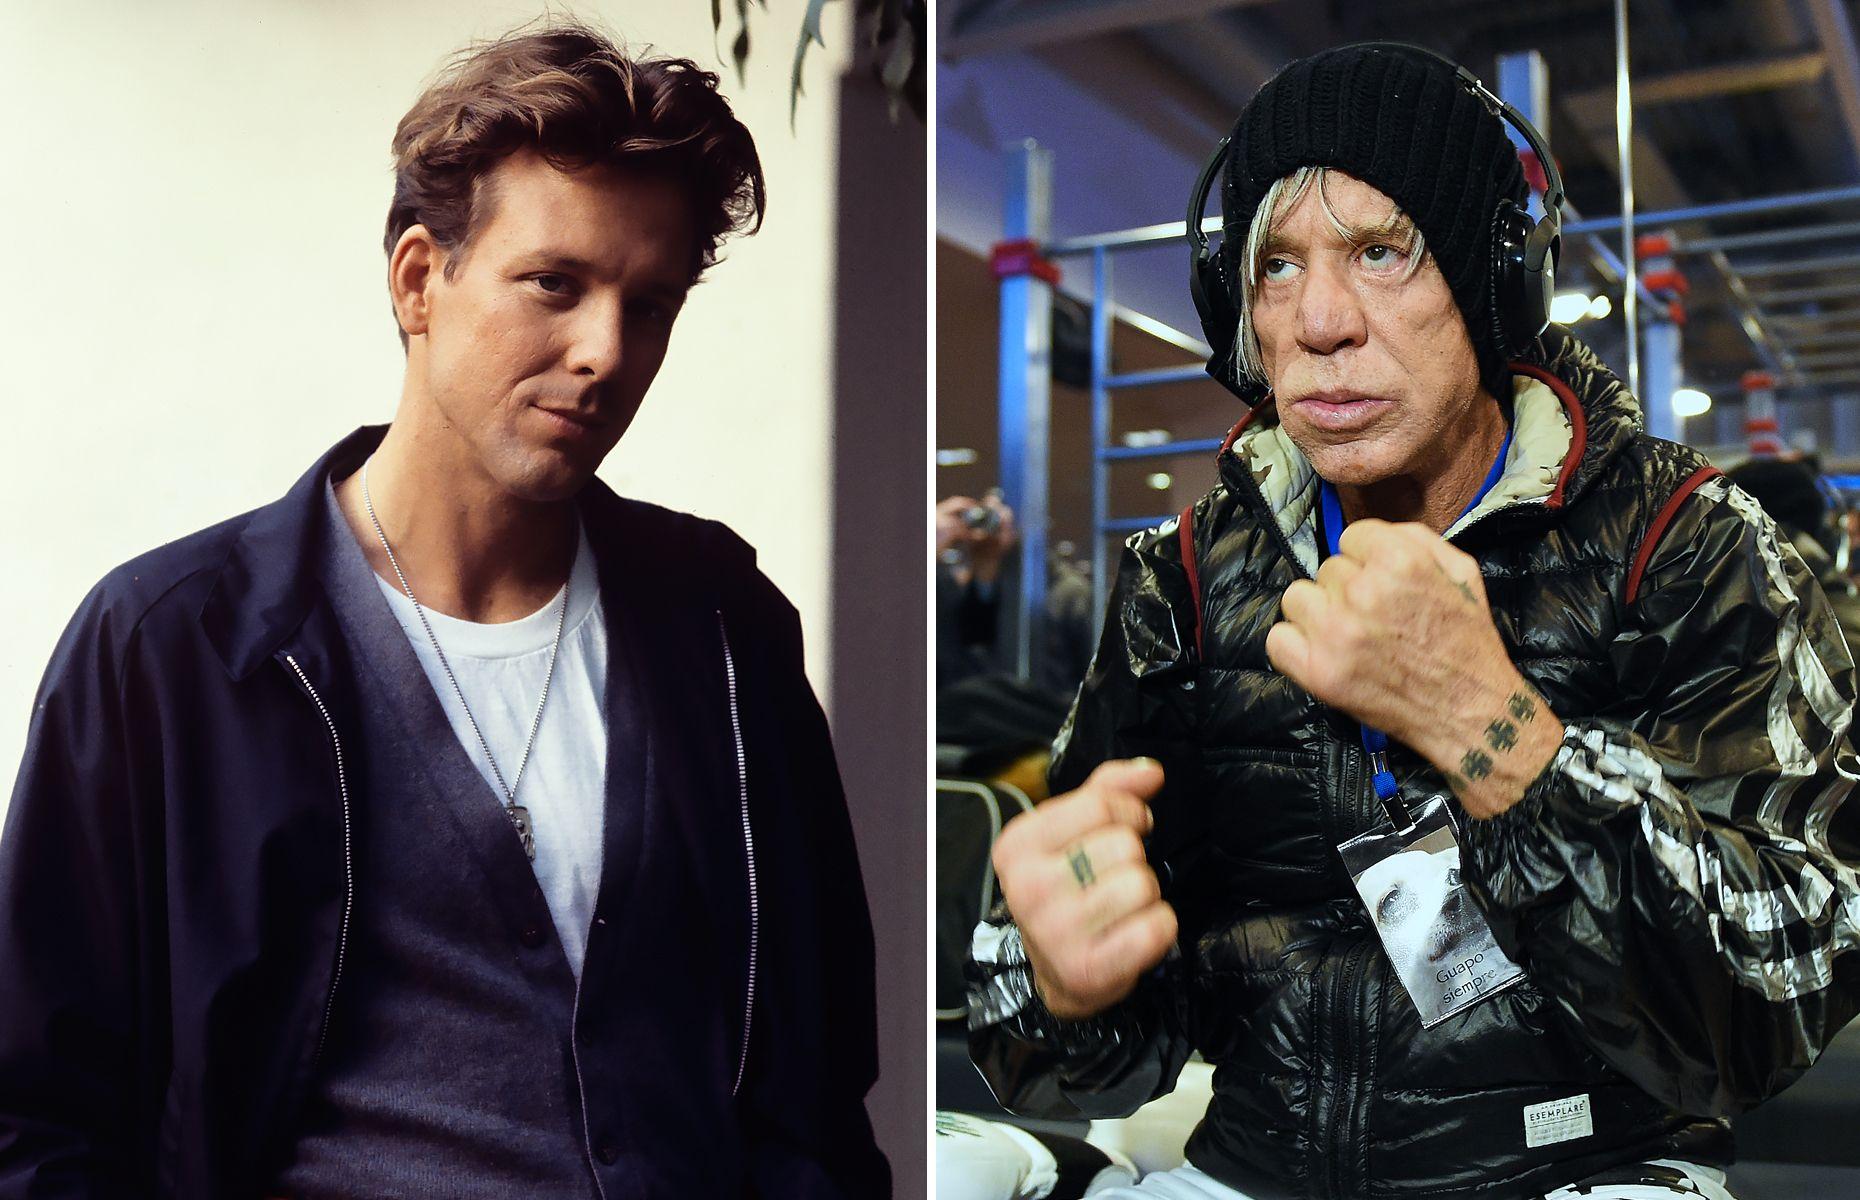 Beroemdheden toen en nu, jemig wat heeft die vent aan zijn gezicht verbouwd, creepy is het nu.....